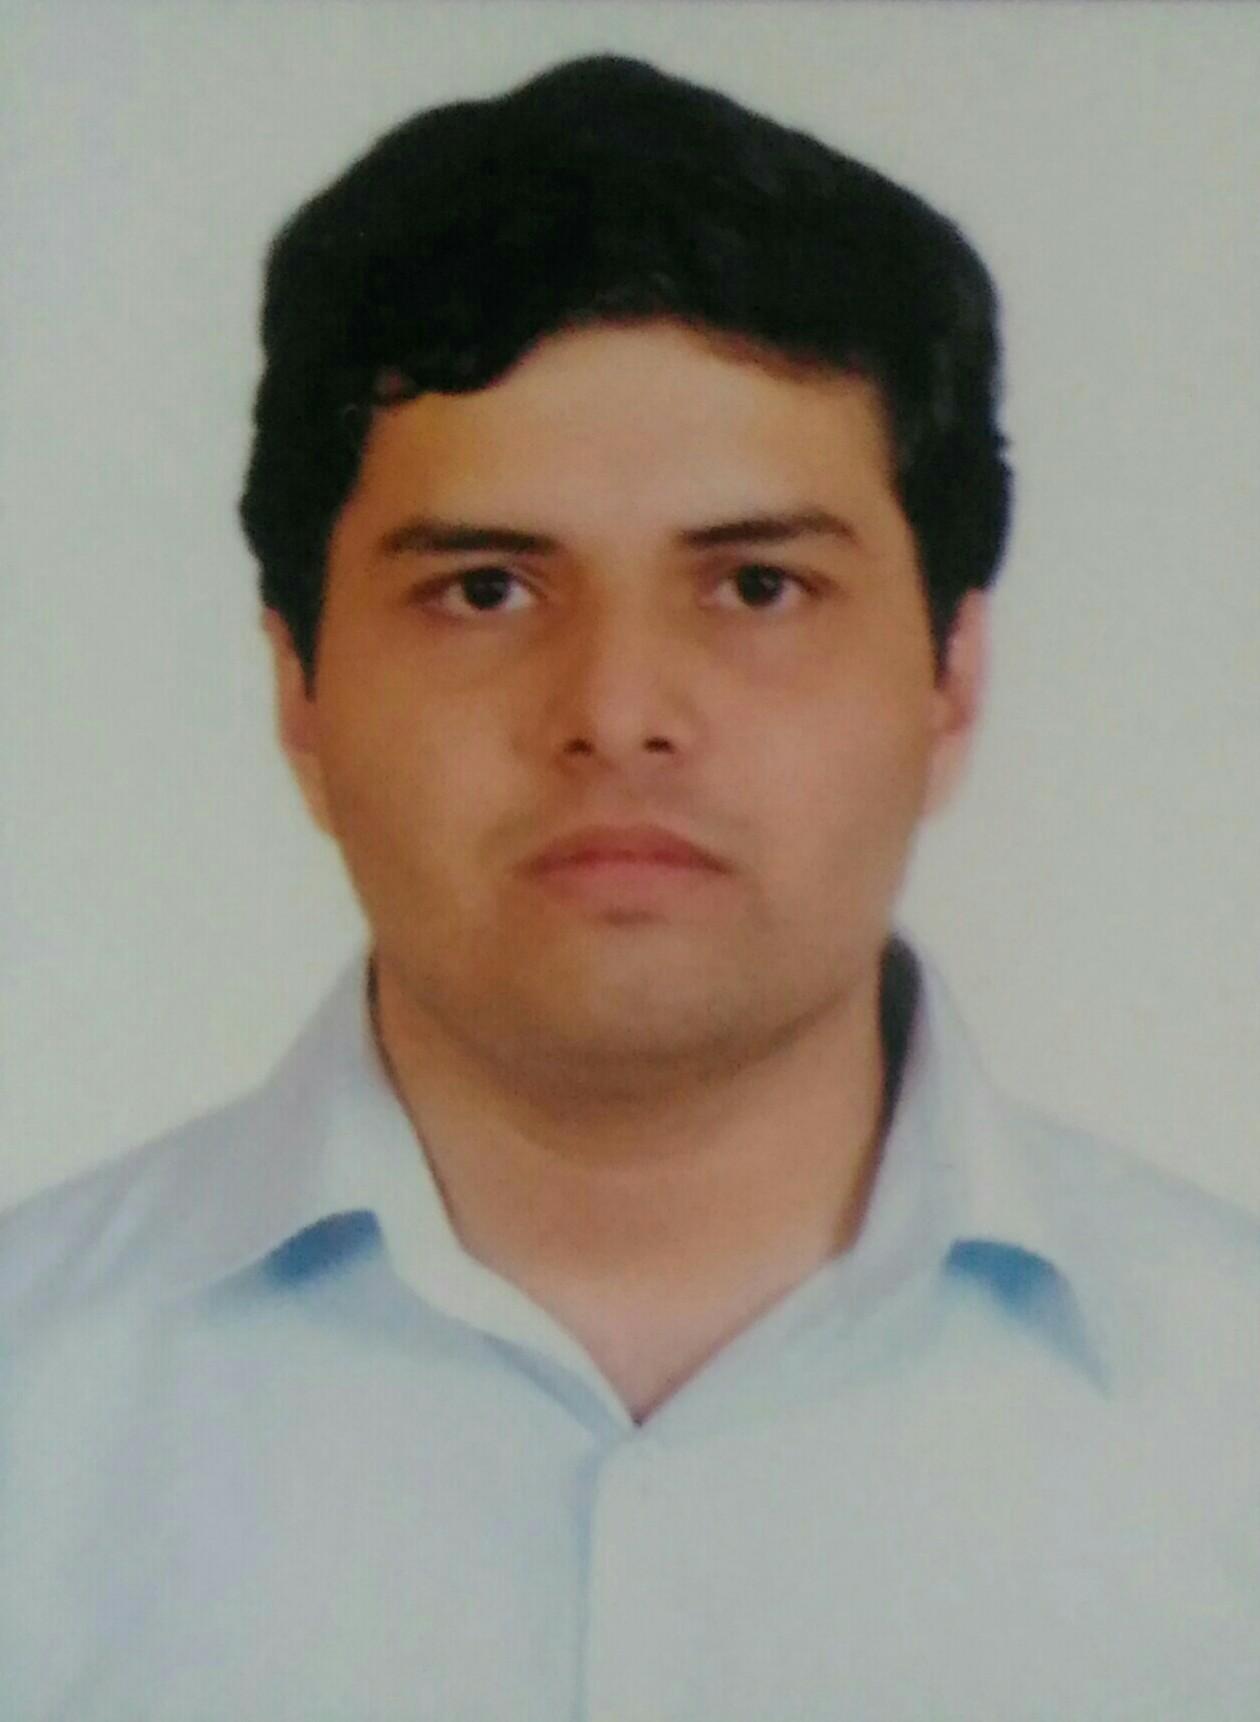 Soumyadeep Chatterjee